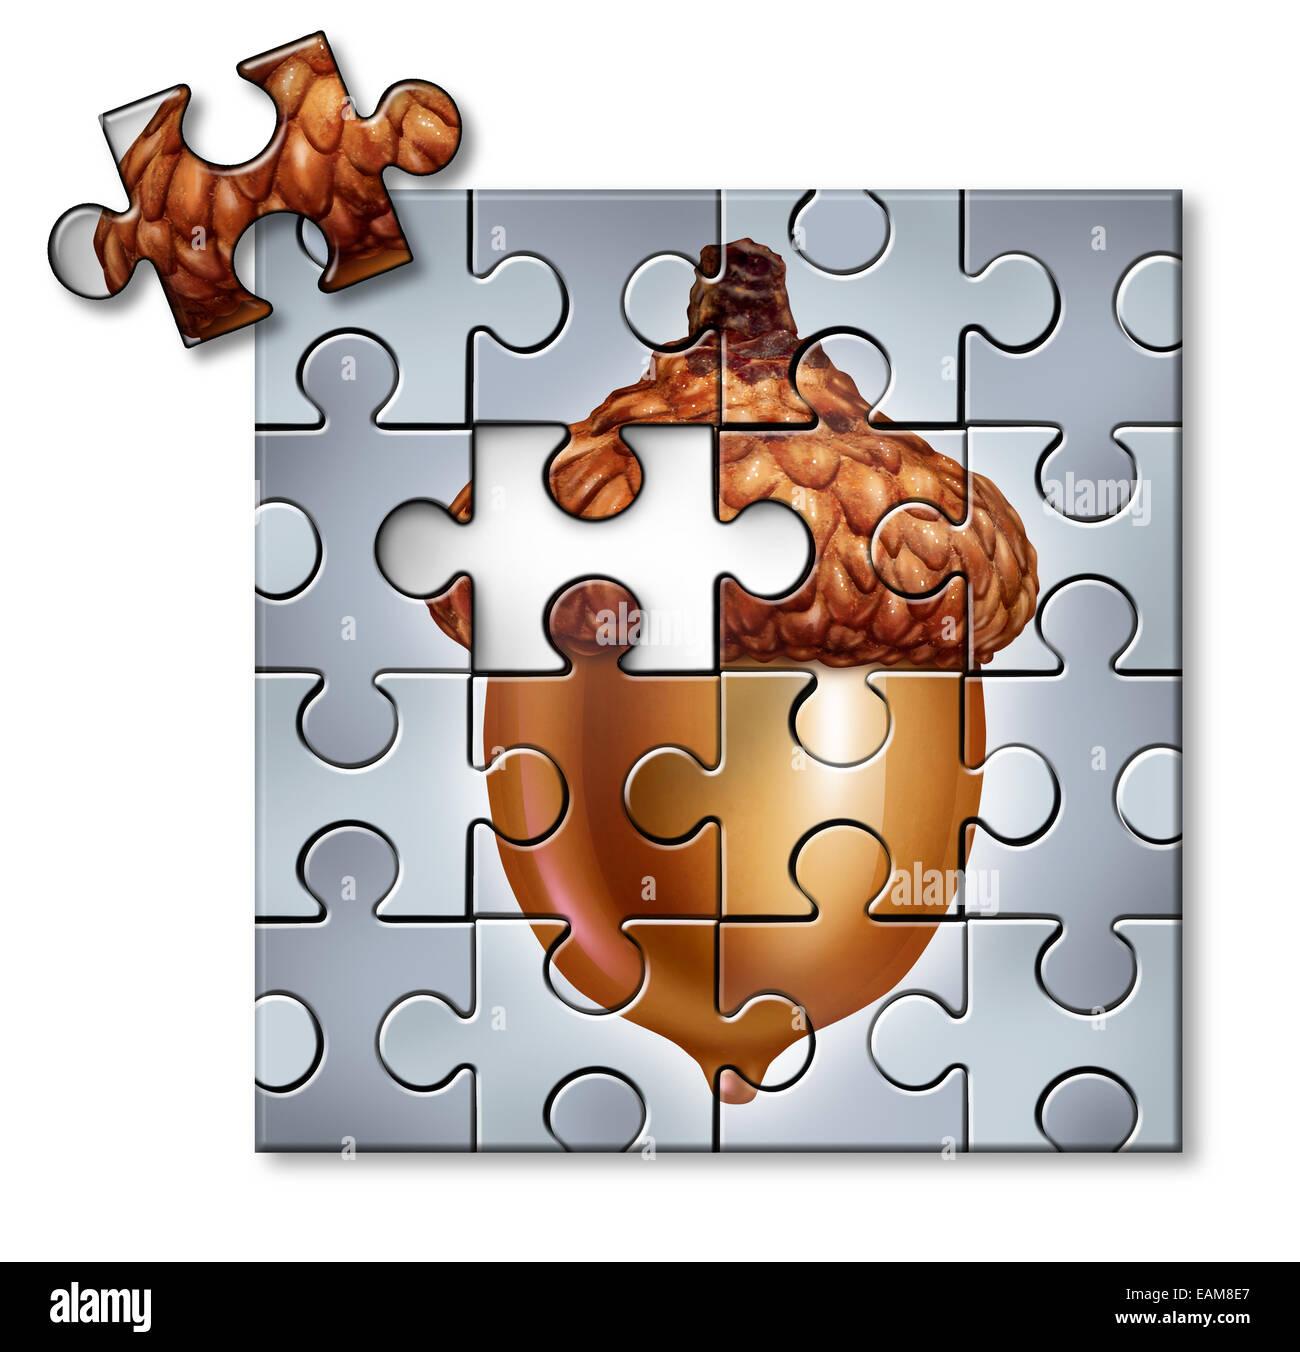 Investieren Puzzle-Konzept als eine Eichel mit ein fehlendes Stück als finanzielle Metapher für Spar- und Steuer Stockfoto